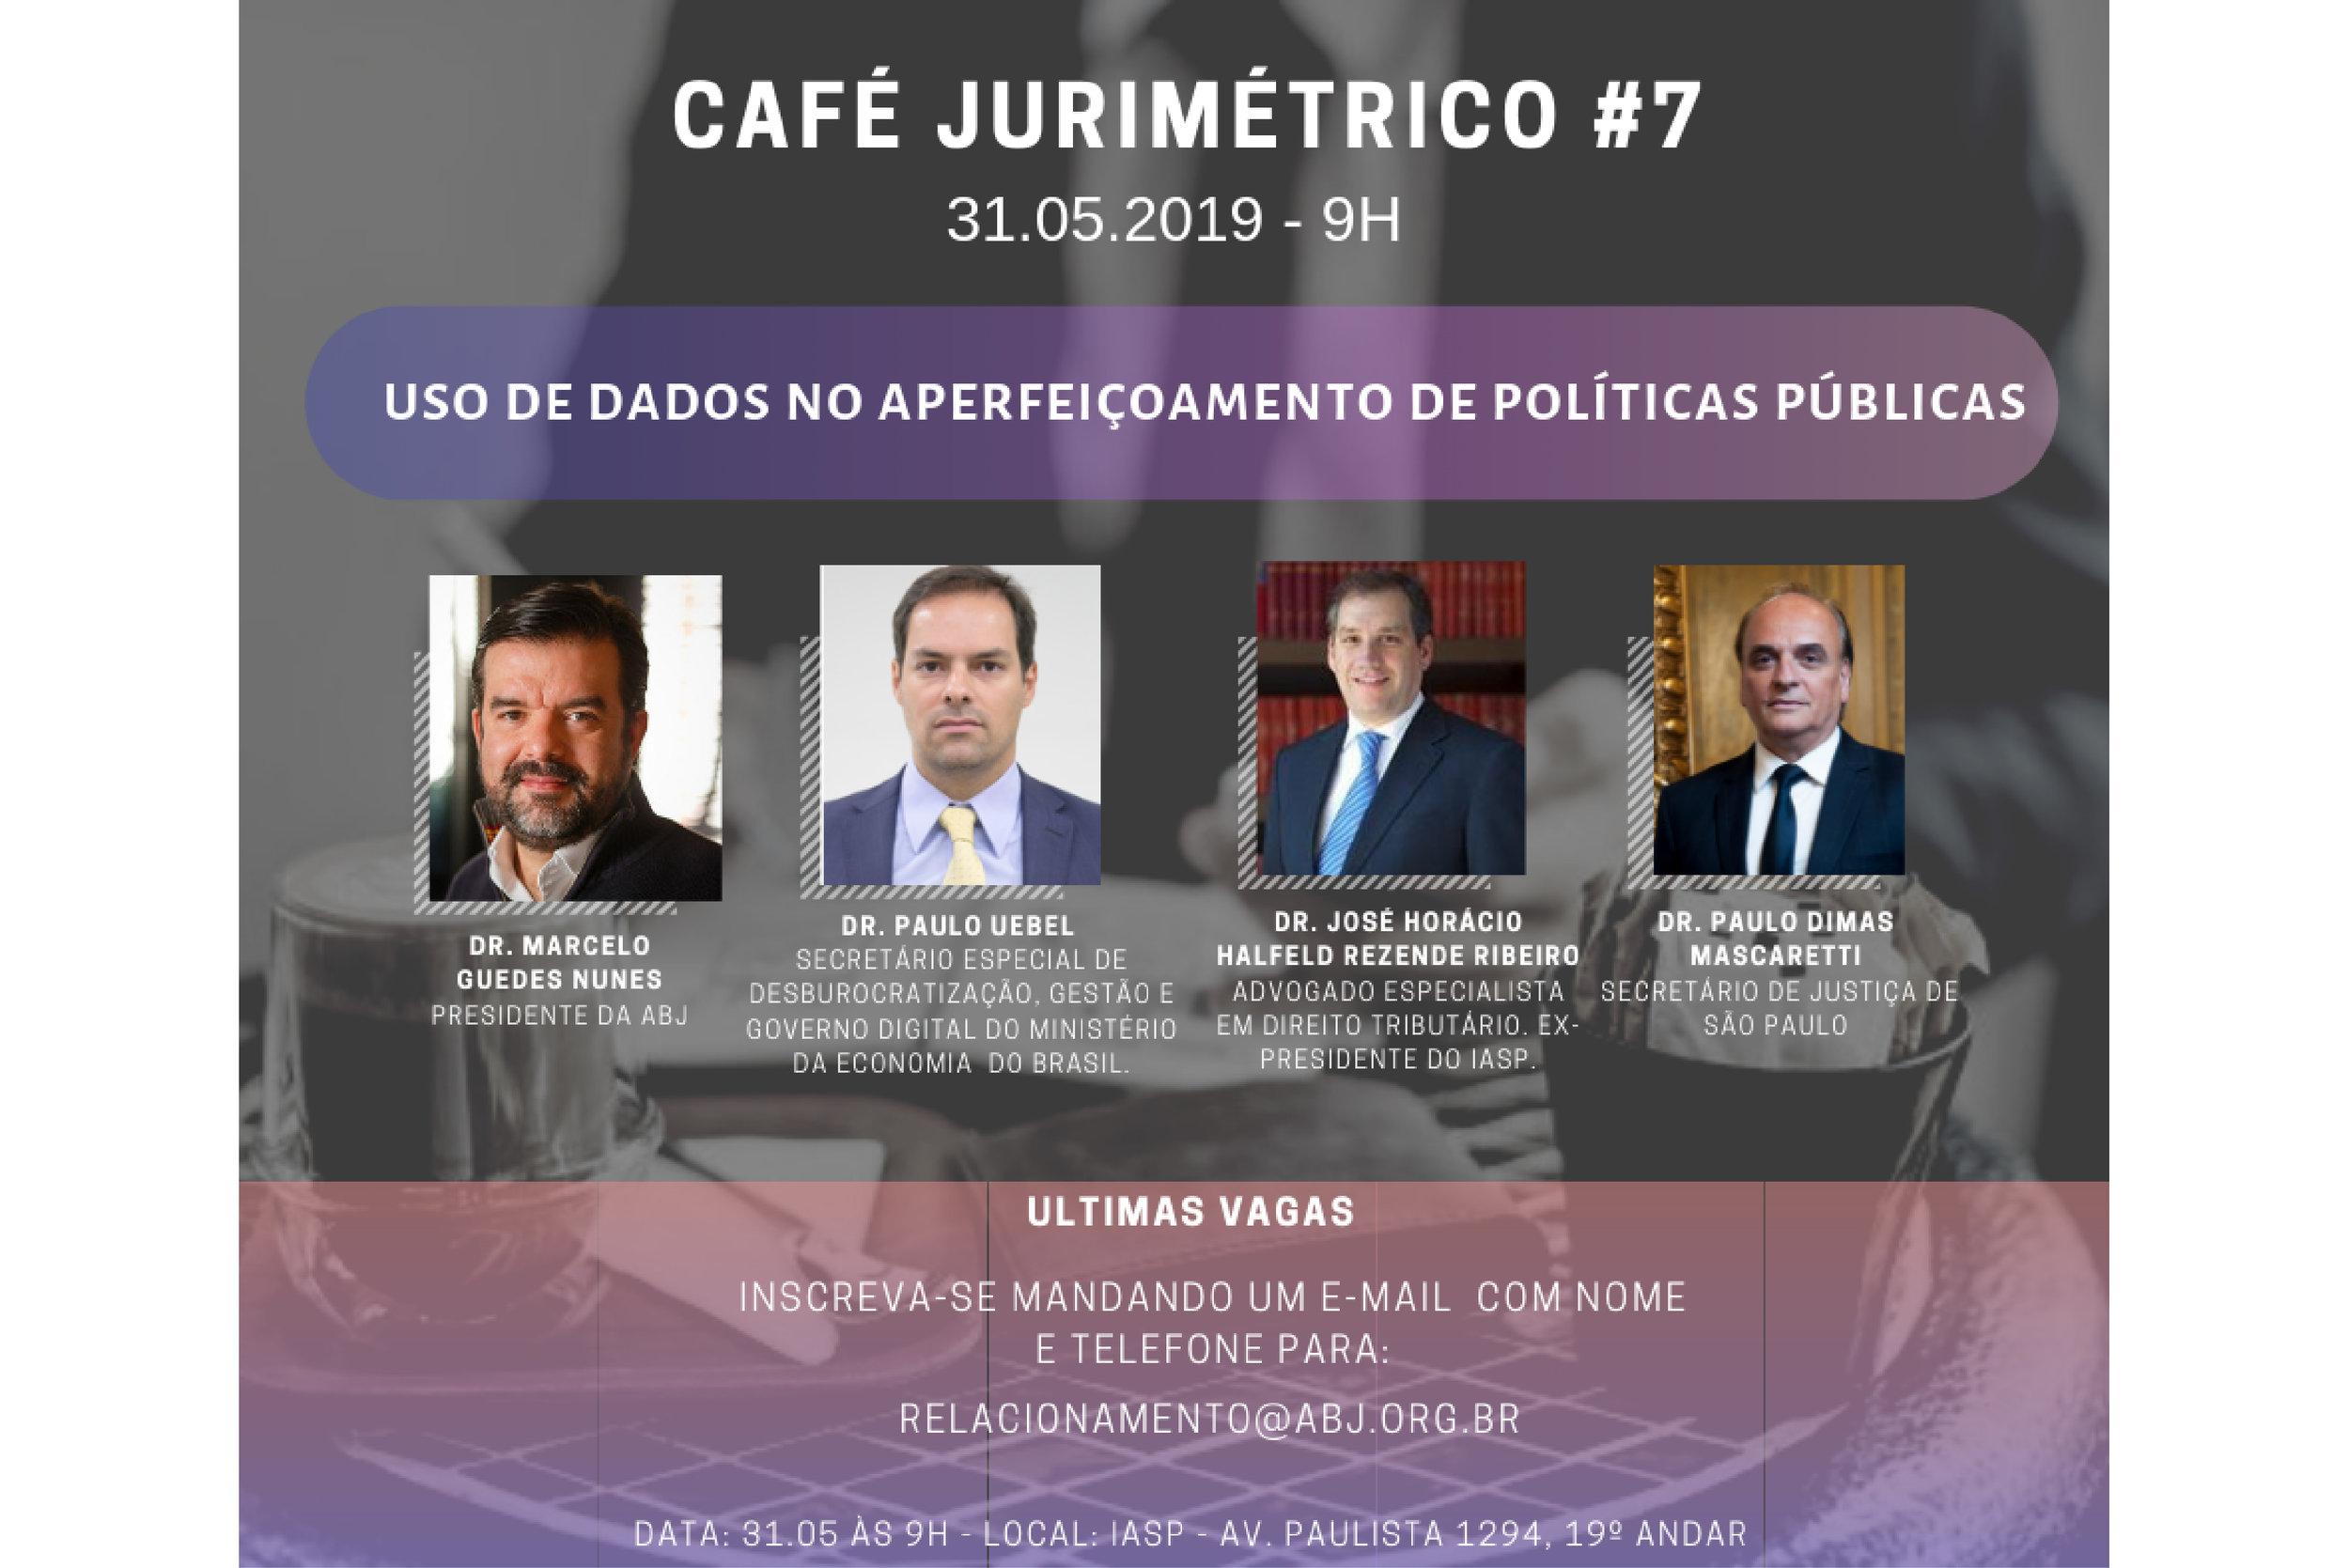 Cafe Jurimetrico